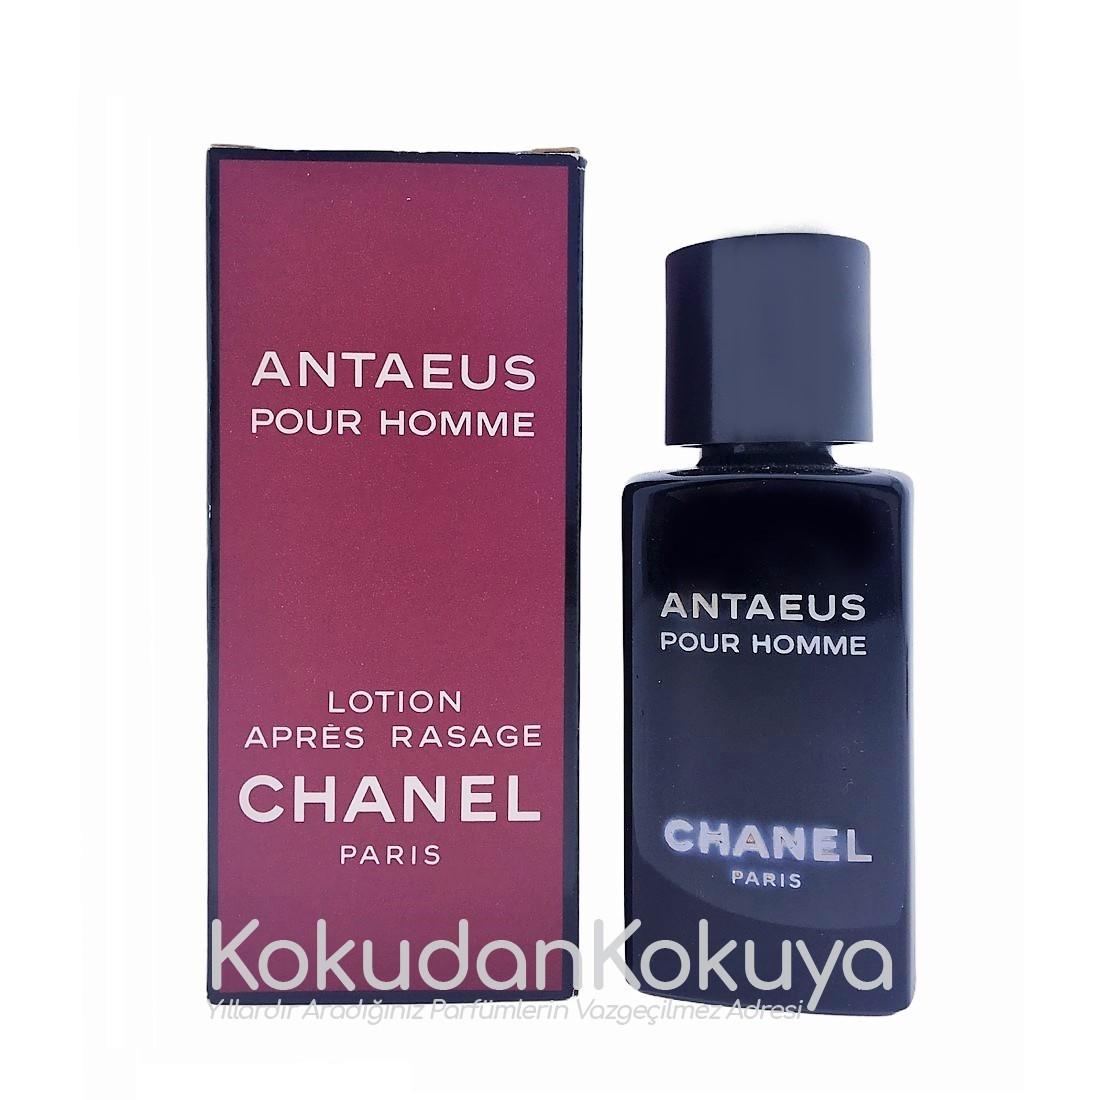 CHANEL Antaeus pour Homme (Vintage) Erkek Cilt Bakım Ürünleri Erkek 50ml Traş Losyonu Dökme